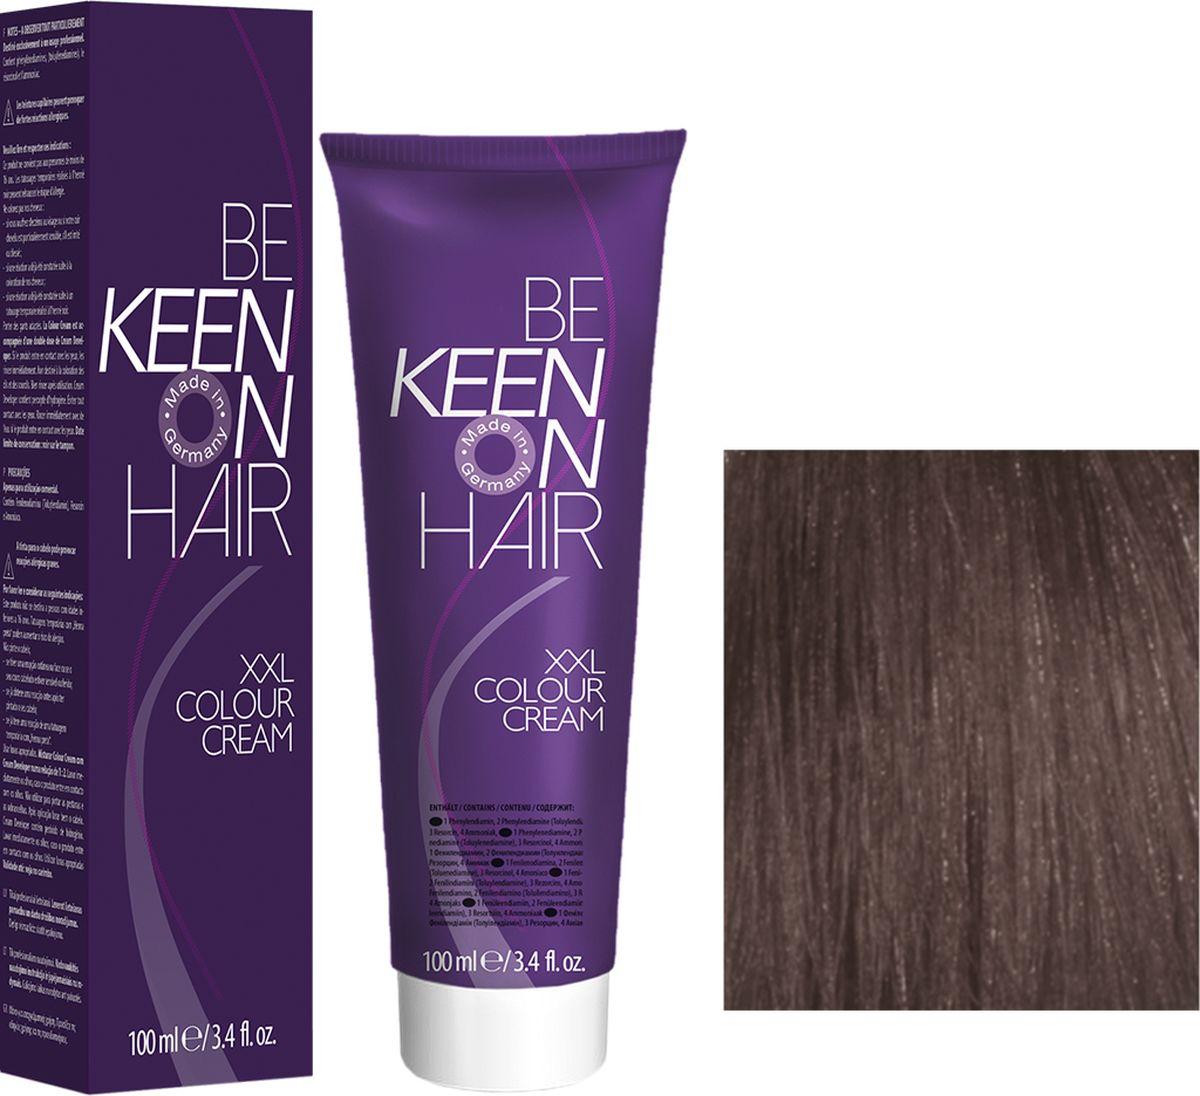 Keen Краска для волос 7.1 Натуральный пепельный блондин Mittelblond Asch, 100 мл69100055Модные оттенкиБолее 100 оттенков для креативной комбинации цветов.ЭкономичностьПри использовании тюбика 100 мл вы получаете оптимальное соотношение цены и качества!УходМолочный белок поддерживает структуру волоса во время окрашивания и придает волосам блеск и шелковистость. Протеины хорошо встраиваются в волосы и снабжают их влагой.